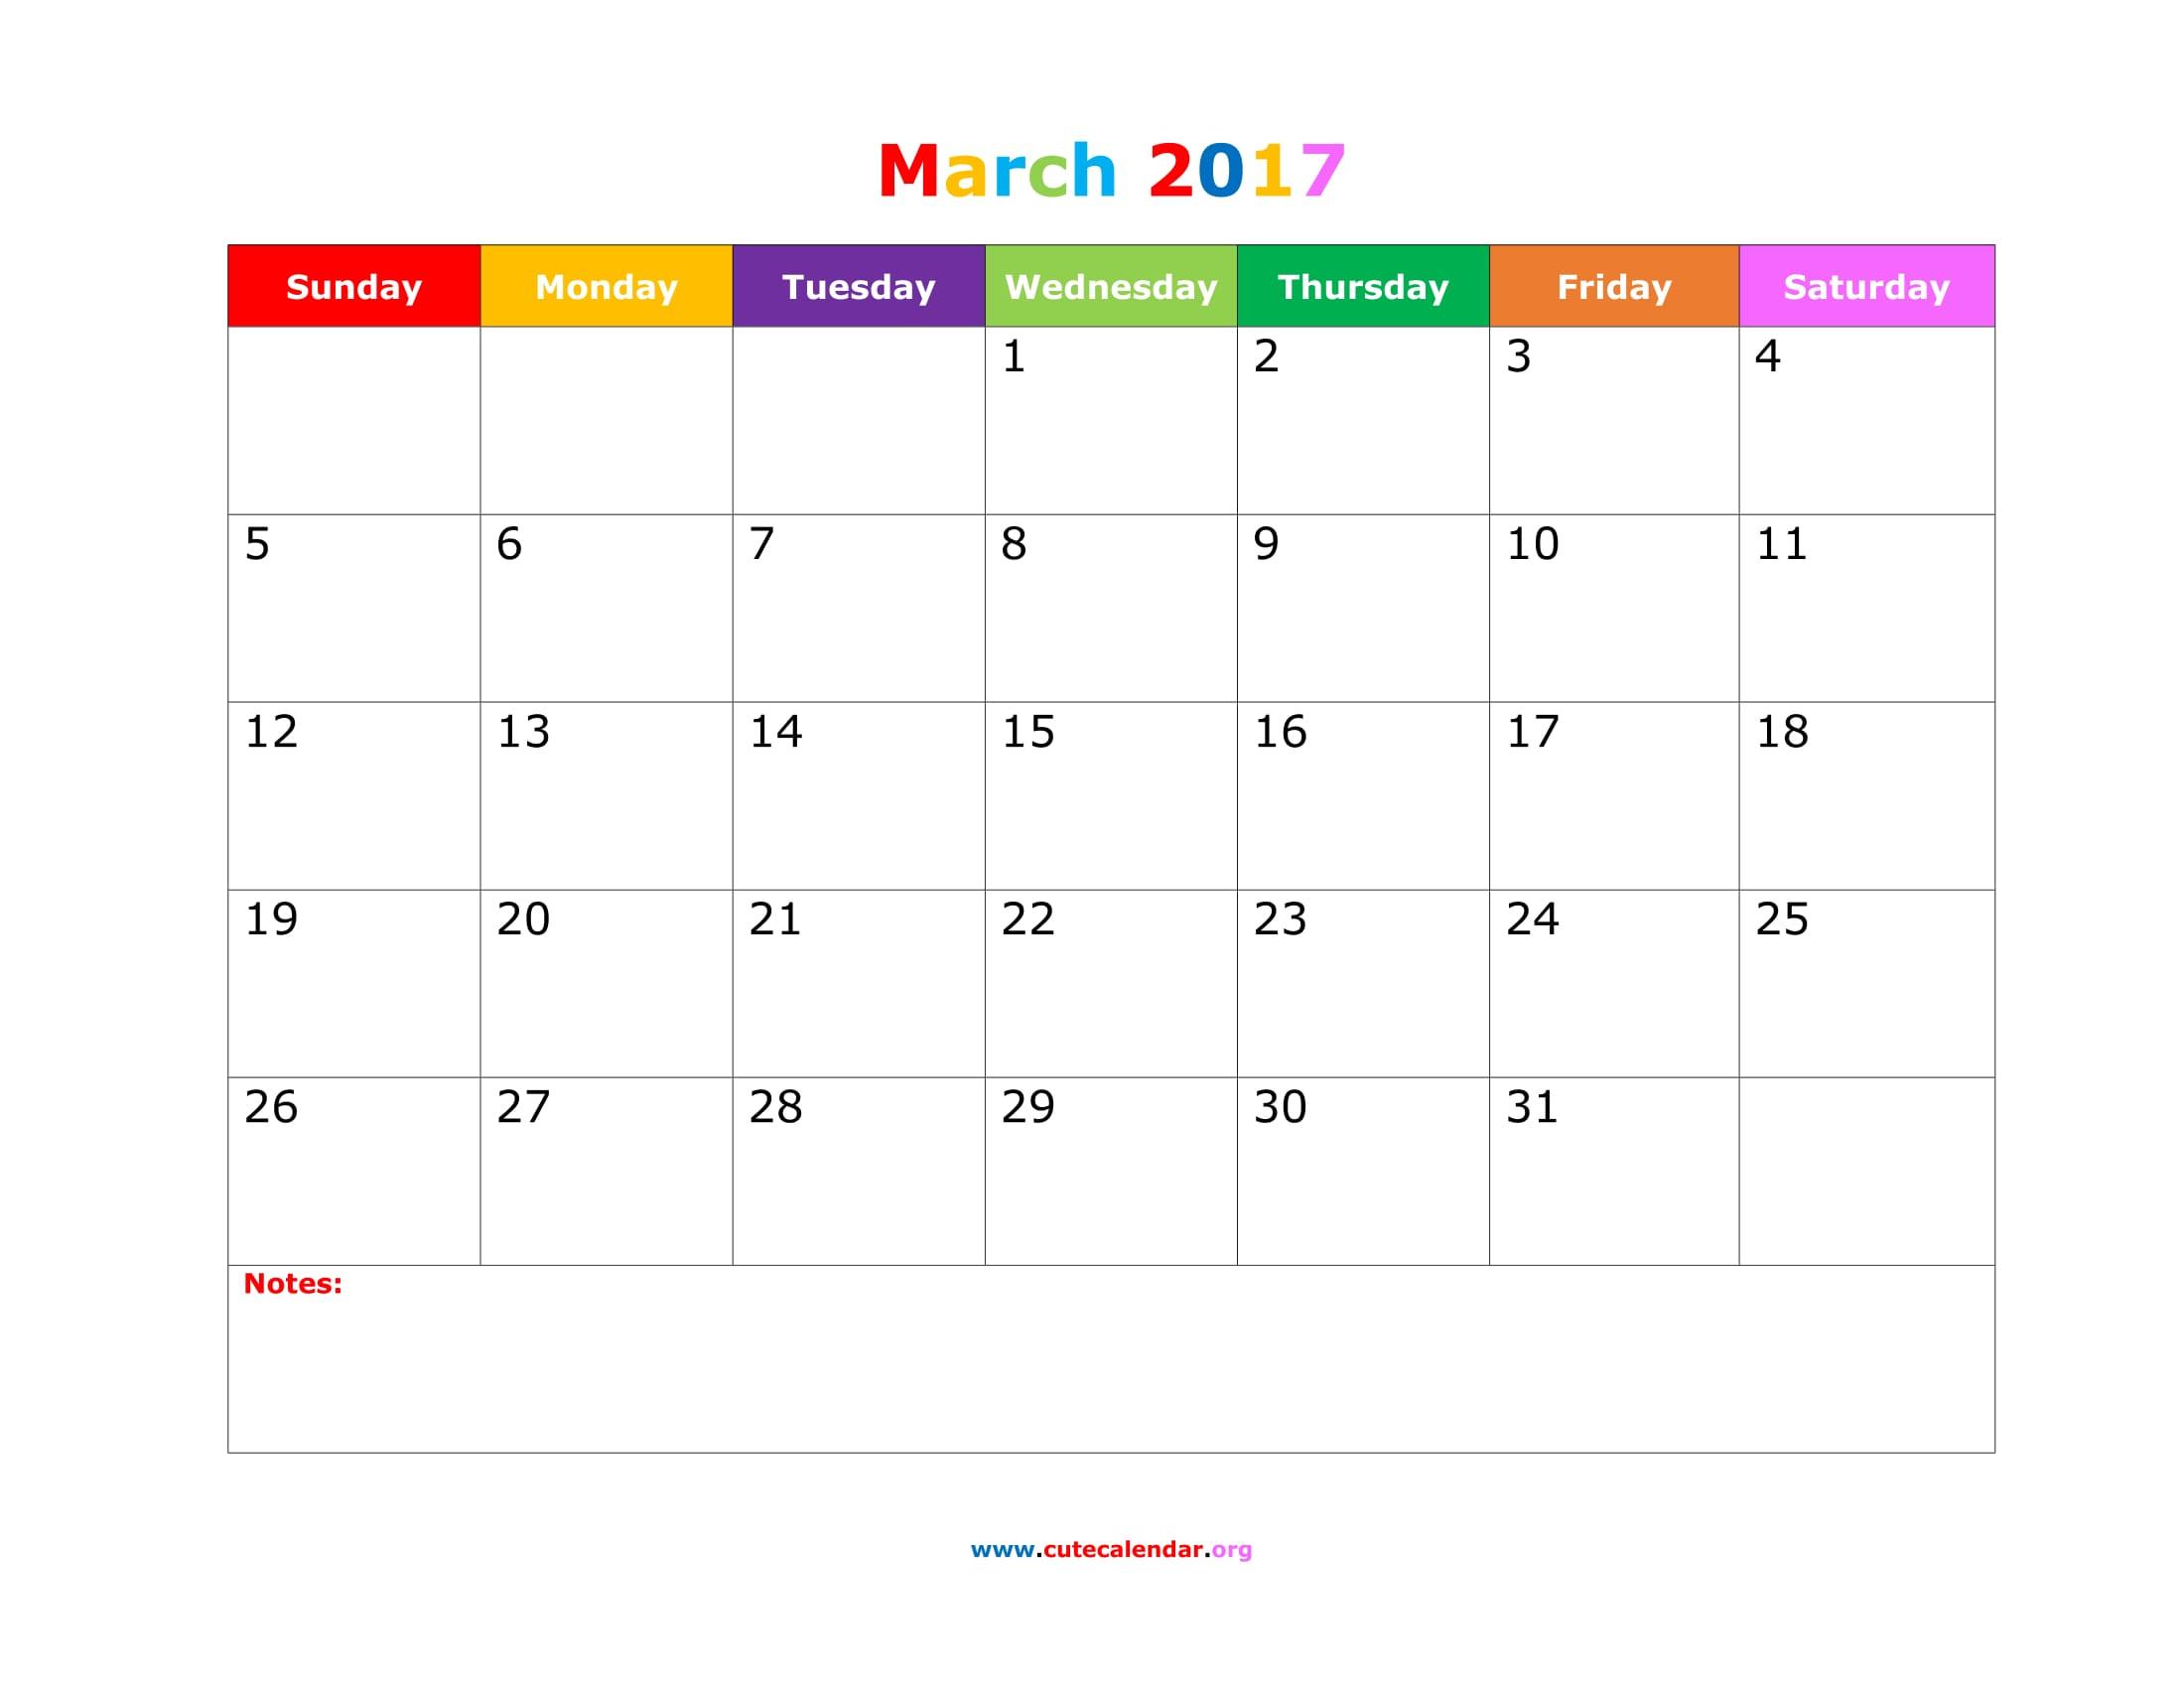 March 2017 Calendar Nz | free calendar 2017